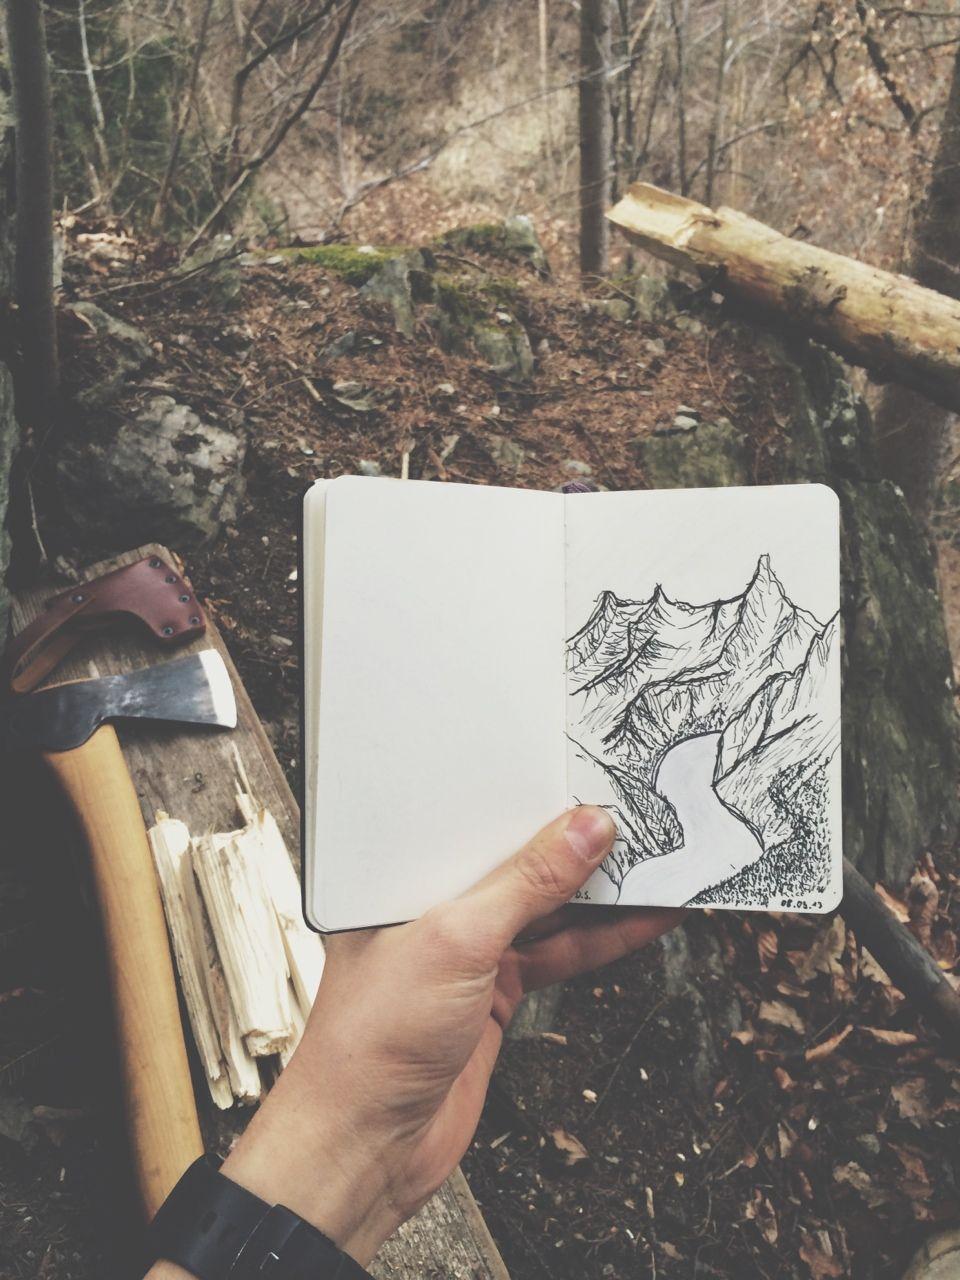 Campamento y dibujo van de la mano